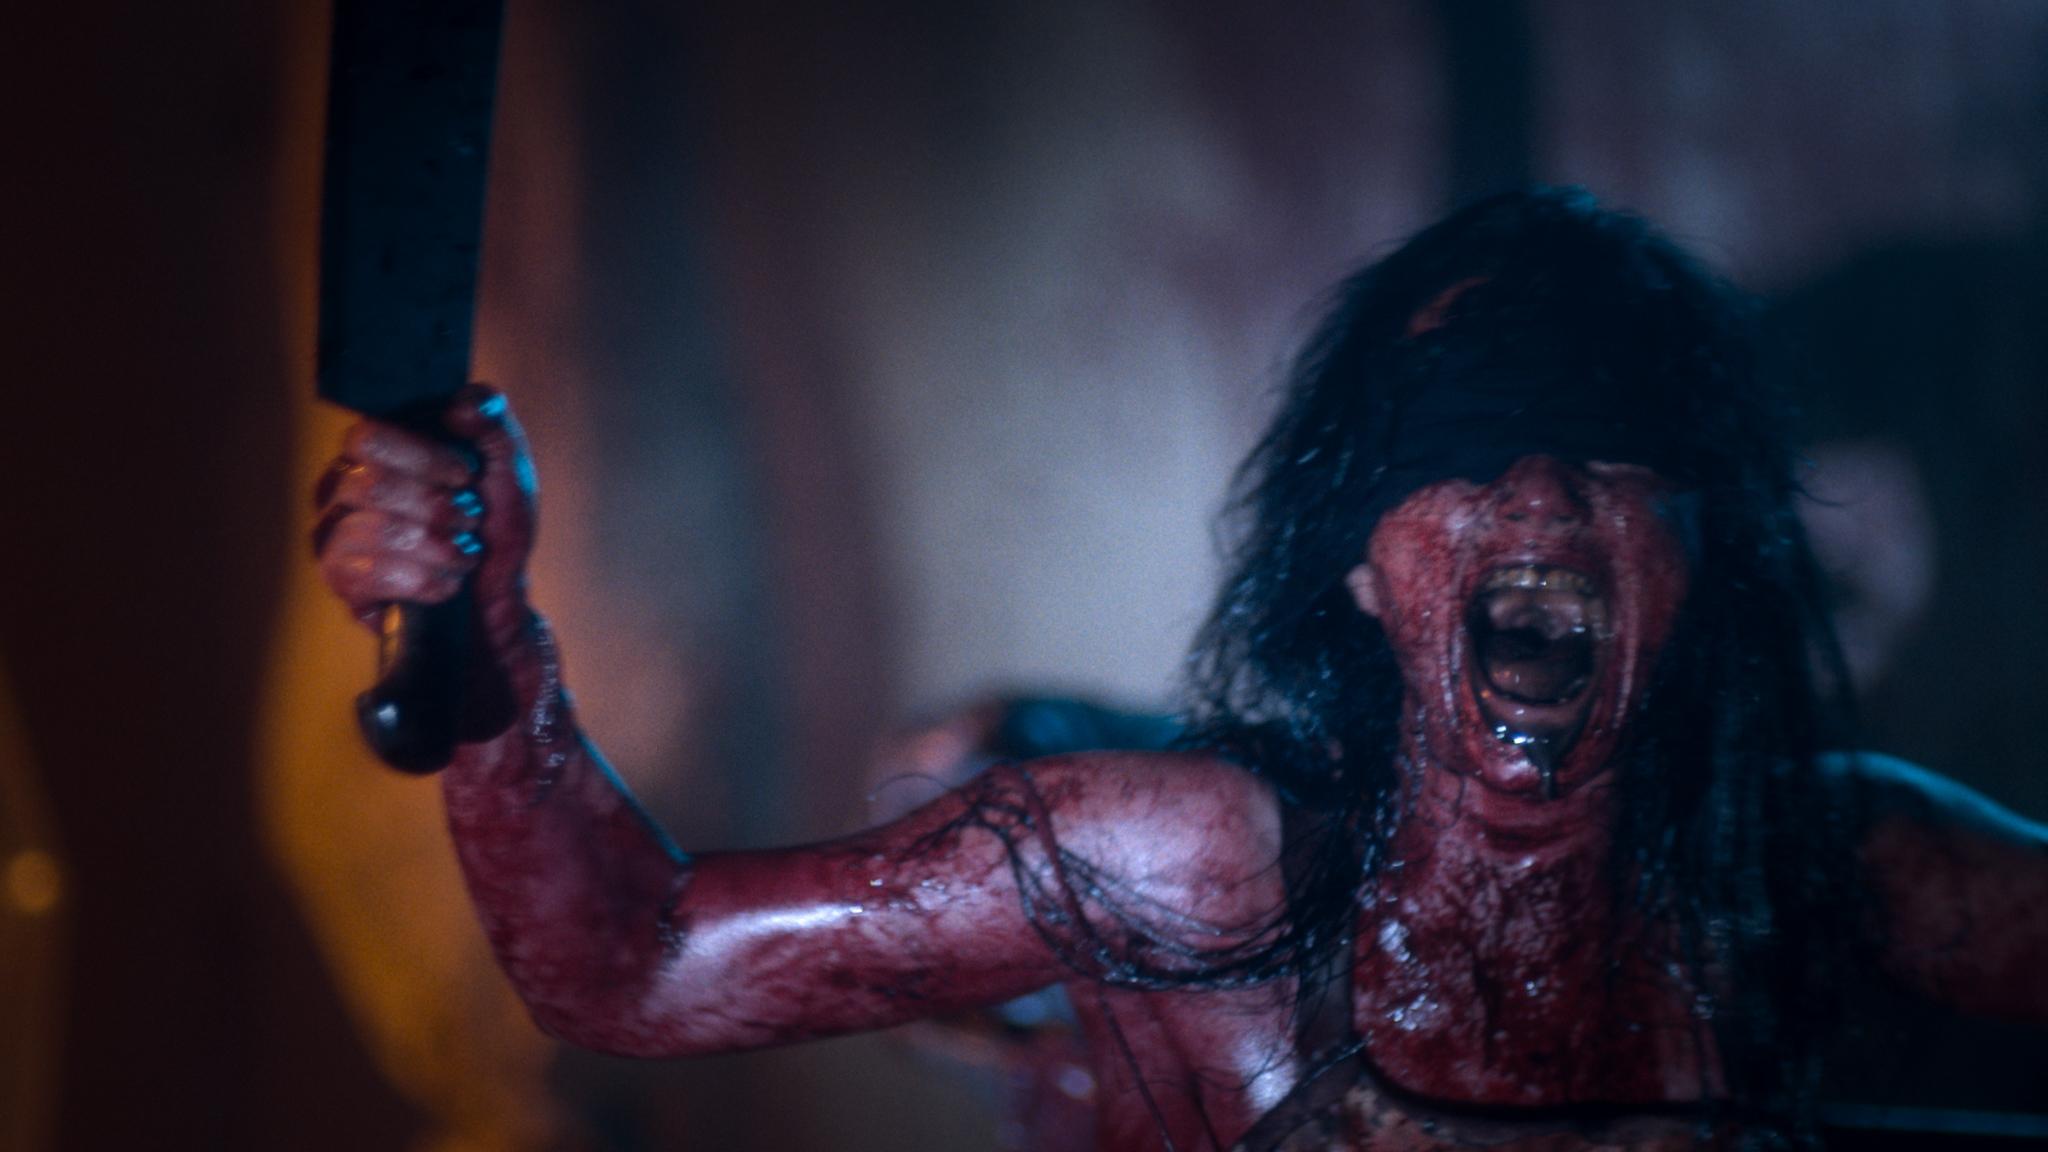 Filmkritik: Baskin – Blutiger Horror aus der Türkei